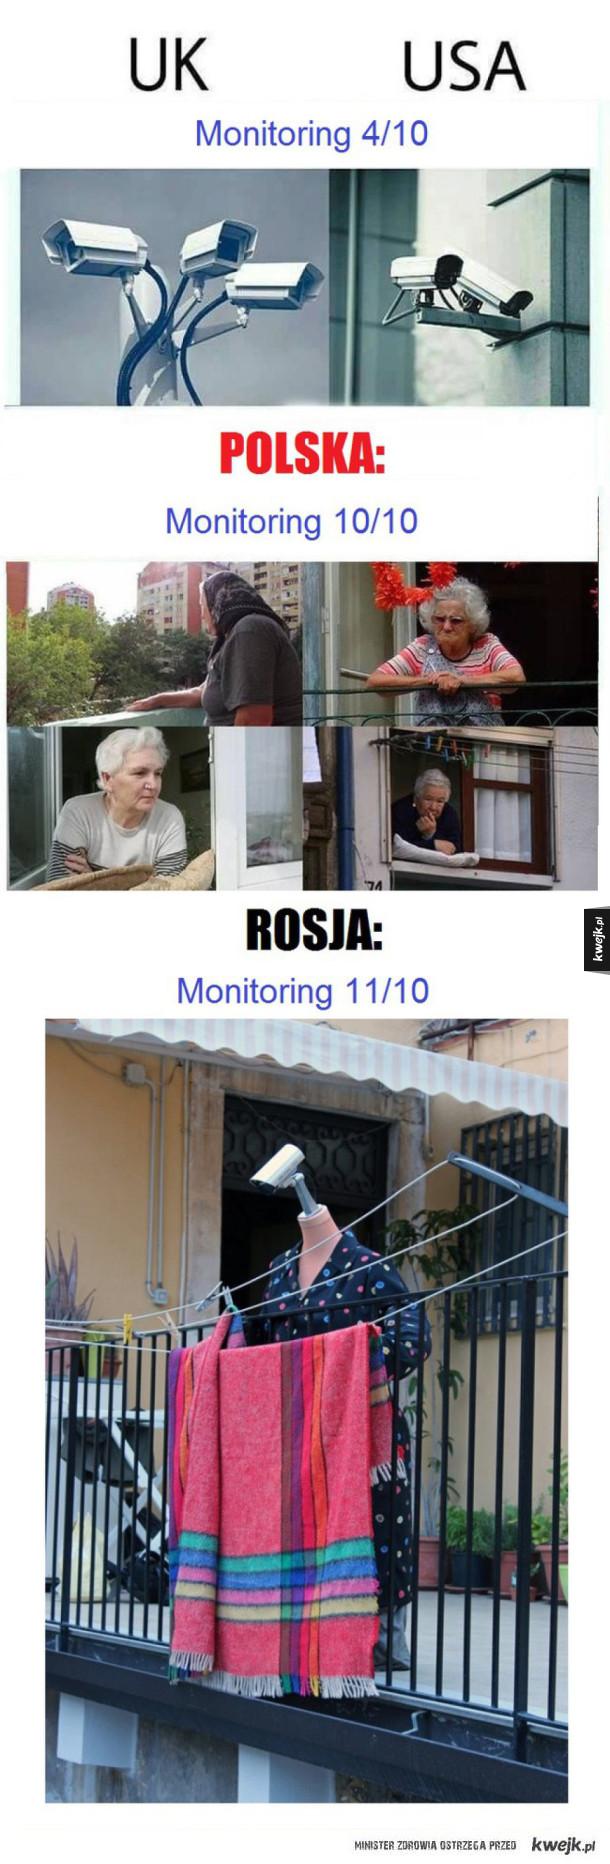 Monitoring w różnych krajach